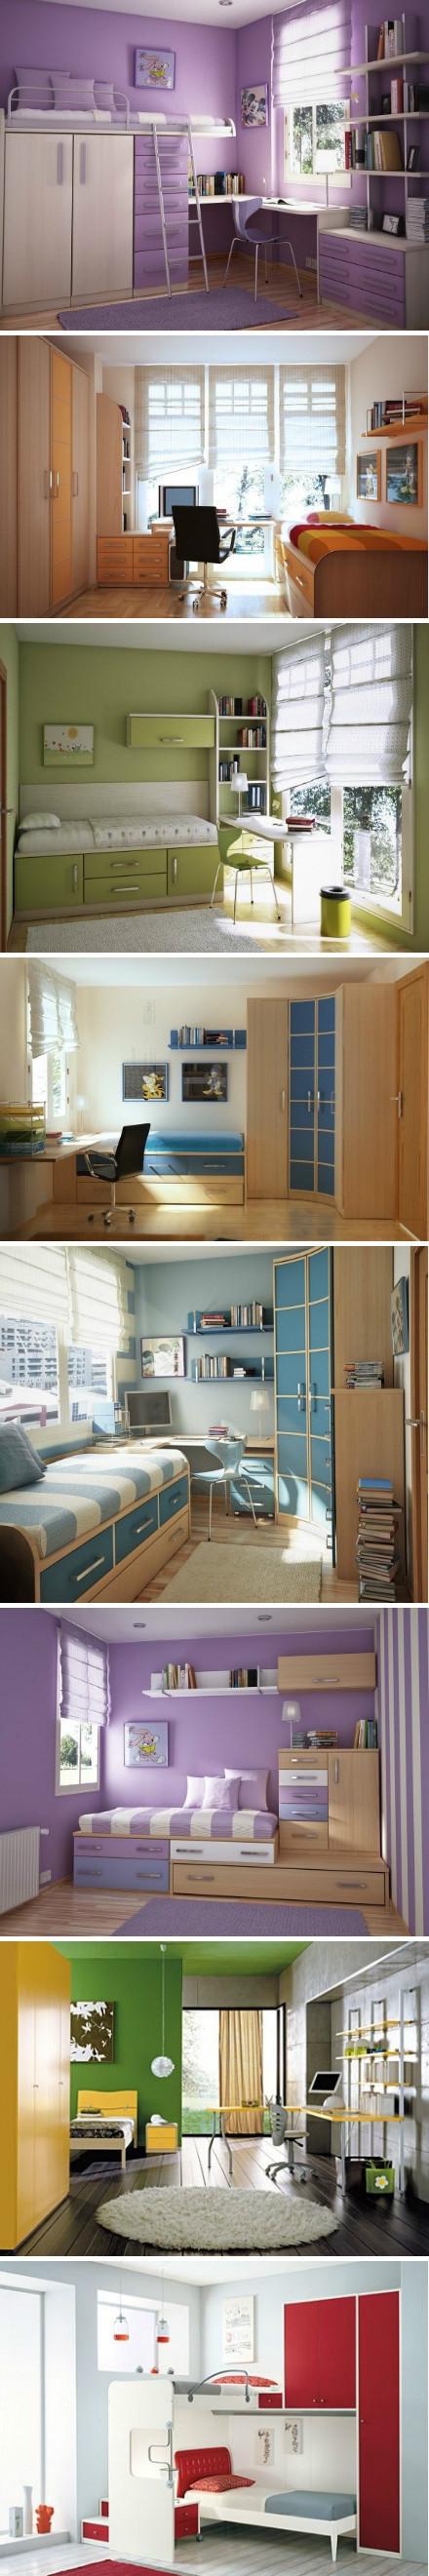 一个人住也可以很享受,这些可爱的小房子你最钟意那一款呢?